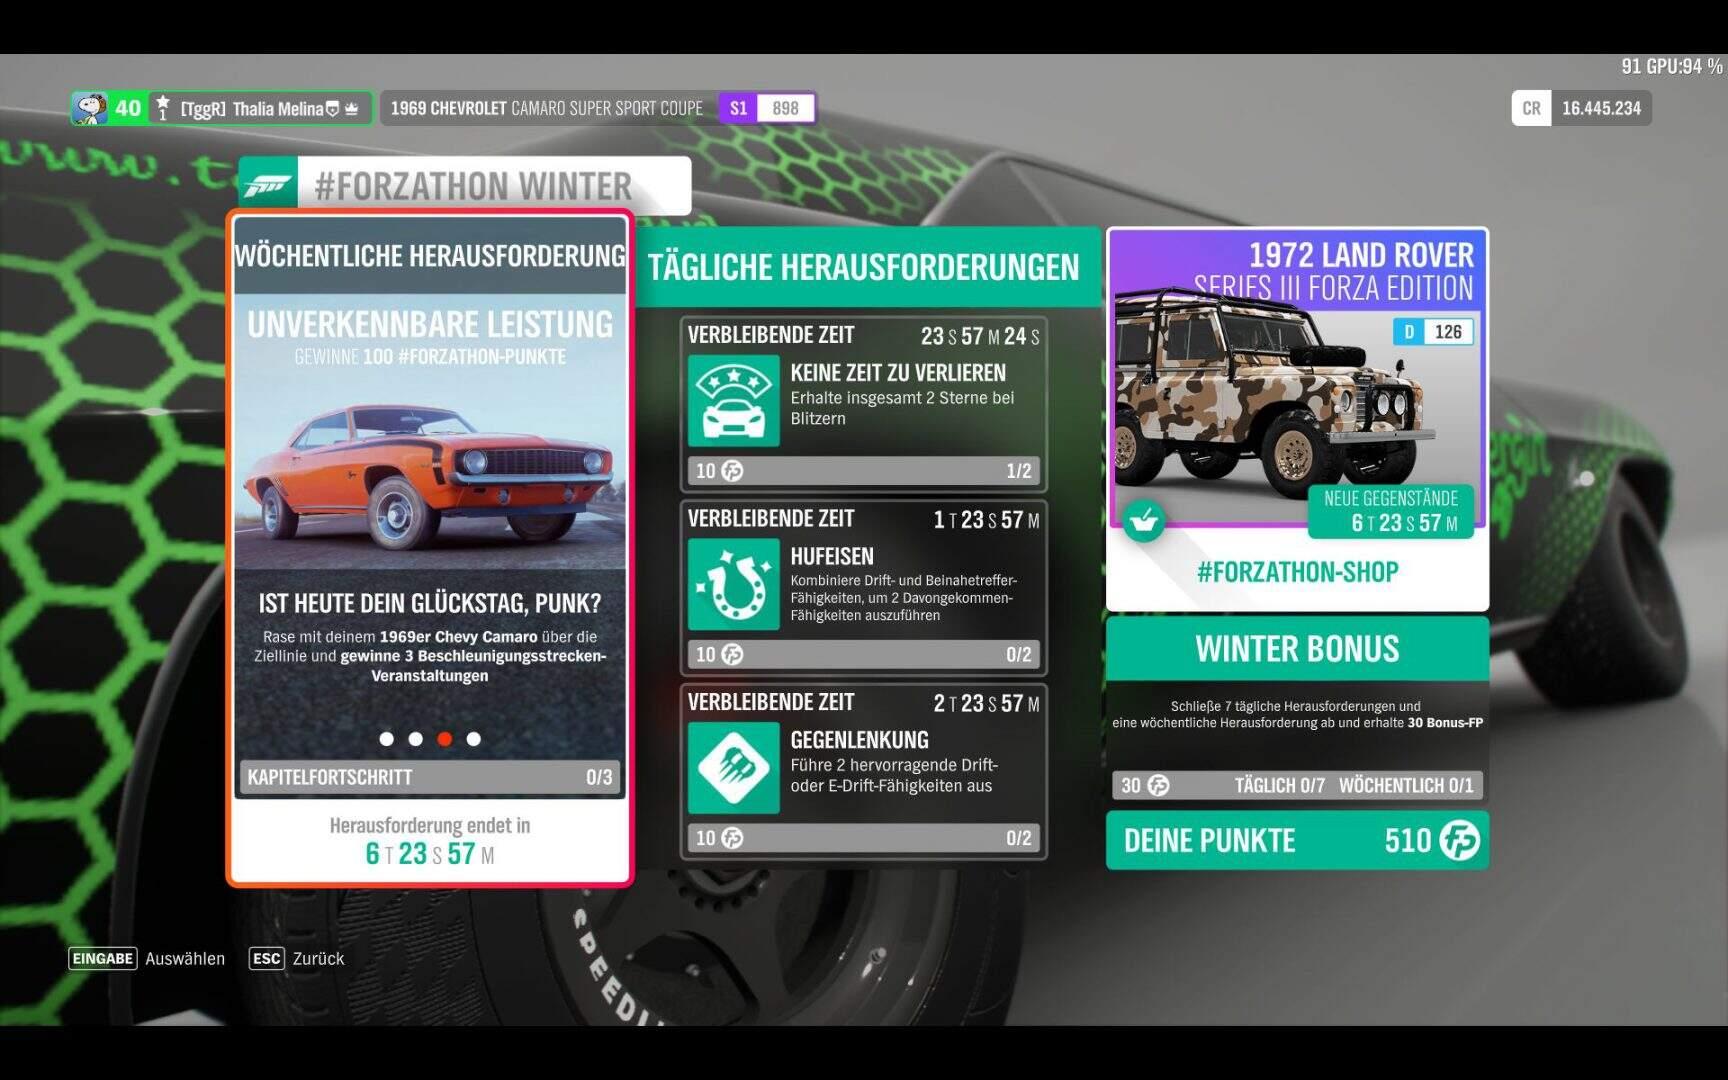 Forza Horizon 4 #Forzathon KW 09 / 2019 Aufgabe 3